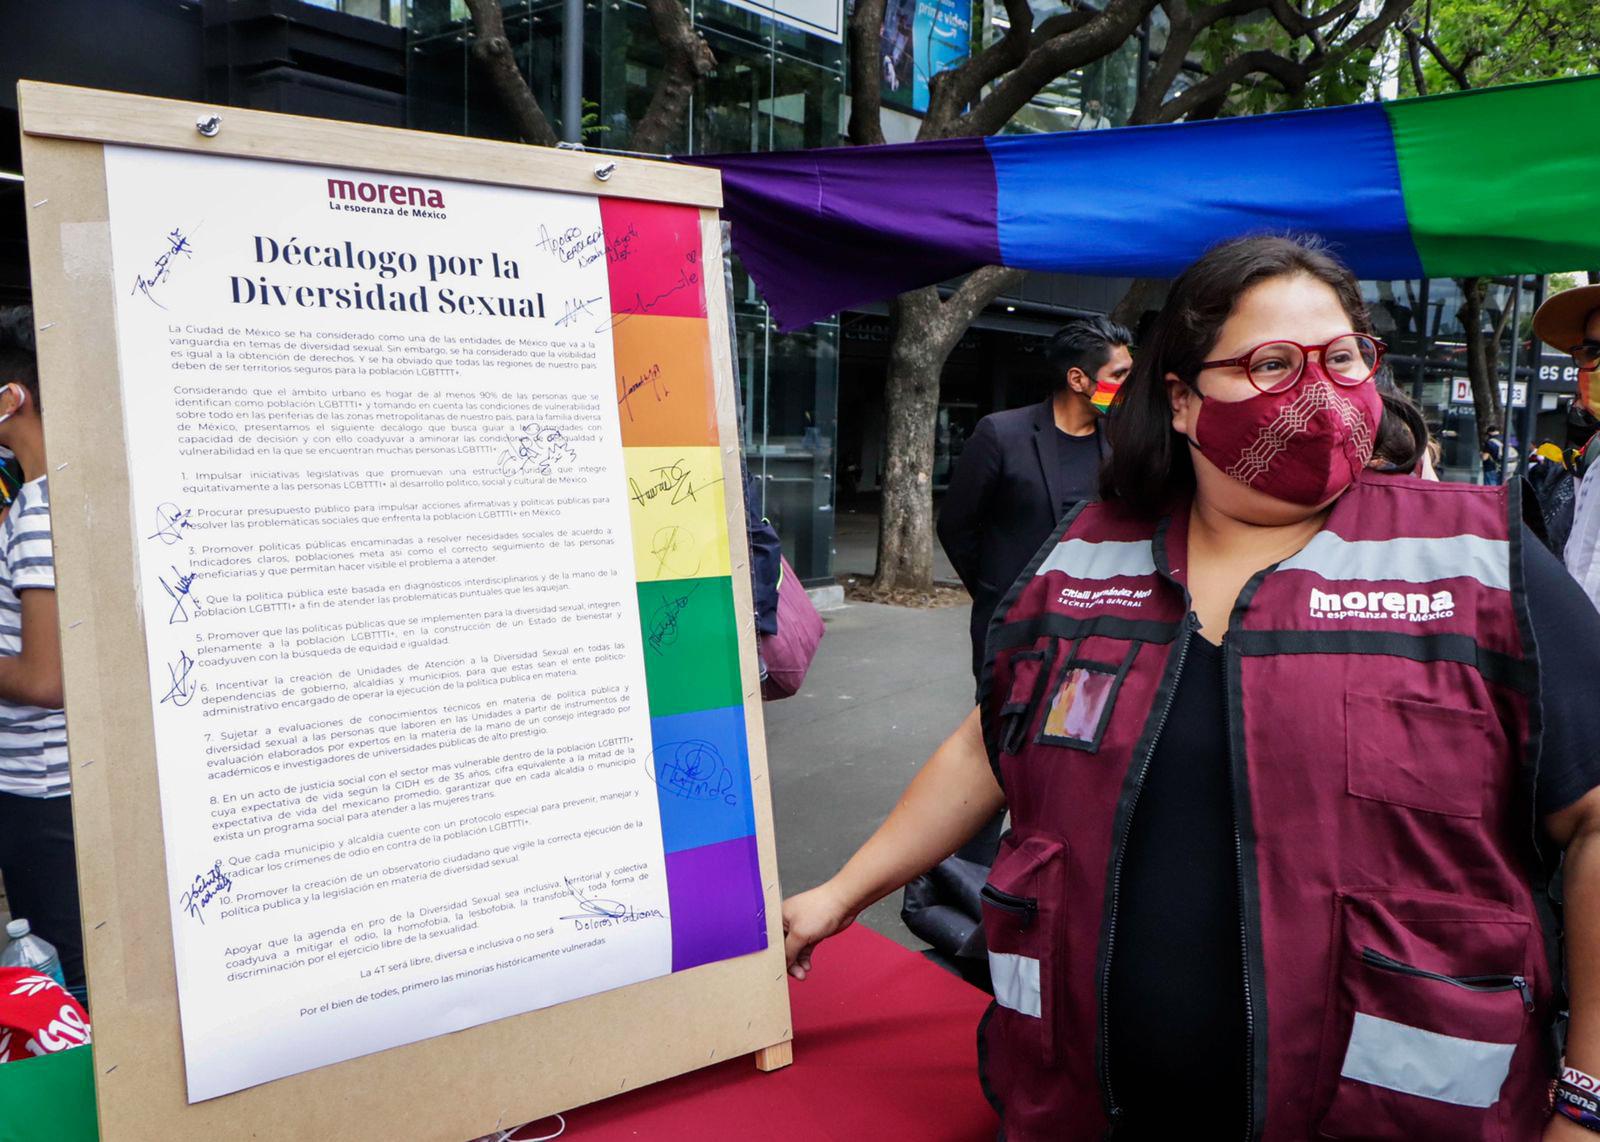 Morena firma Decálogo de la Diversidad Sexual